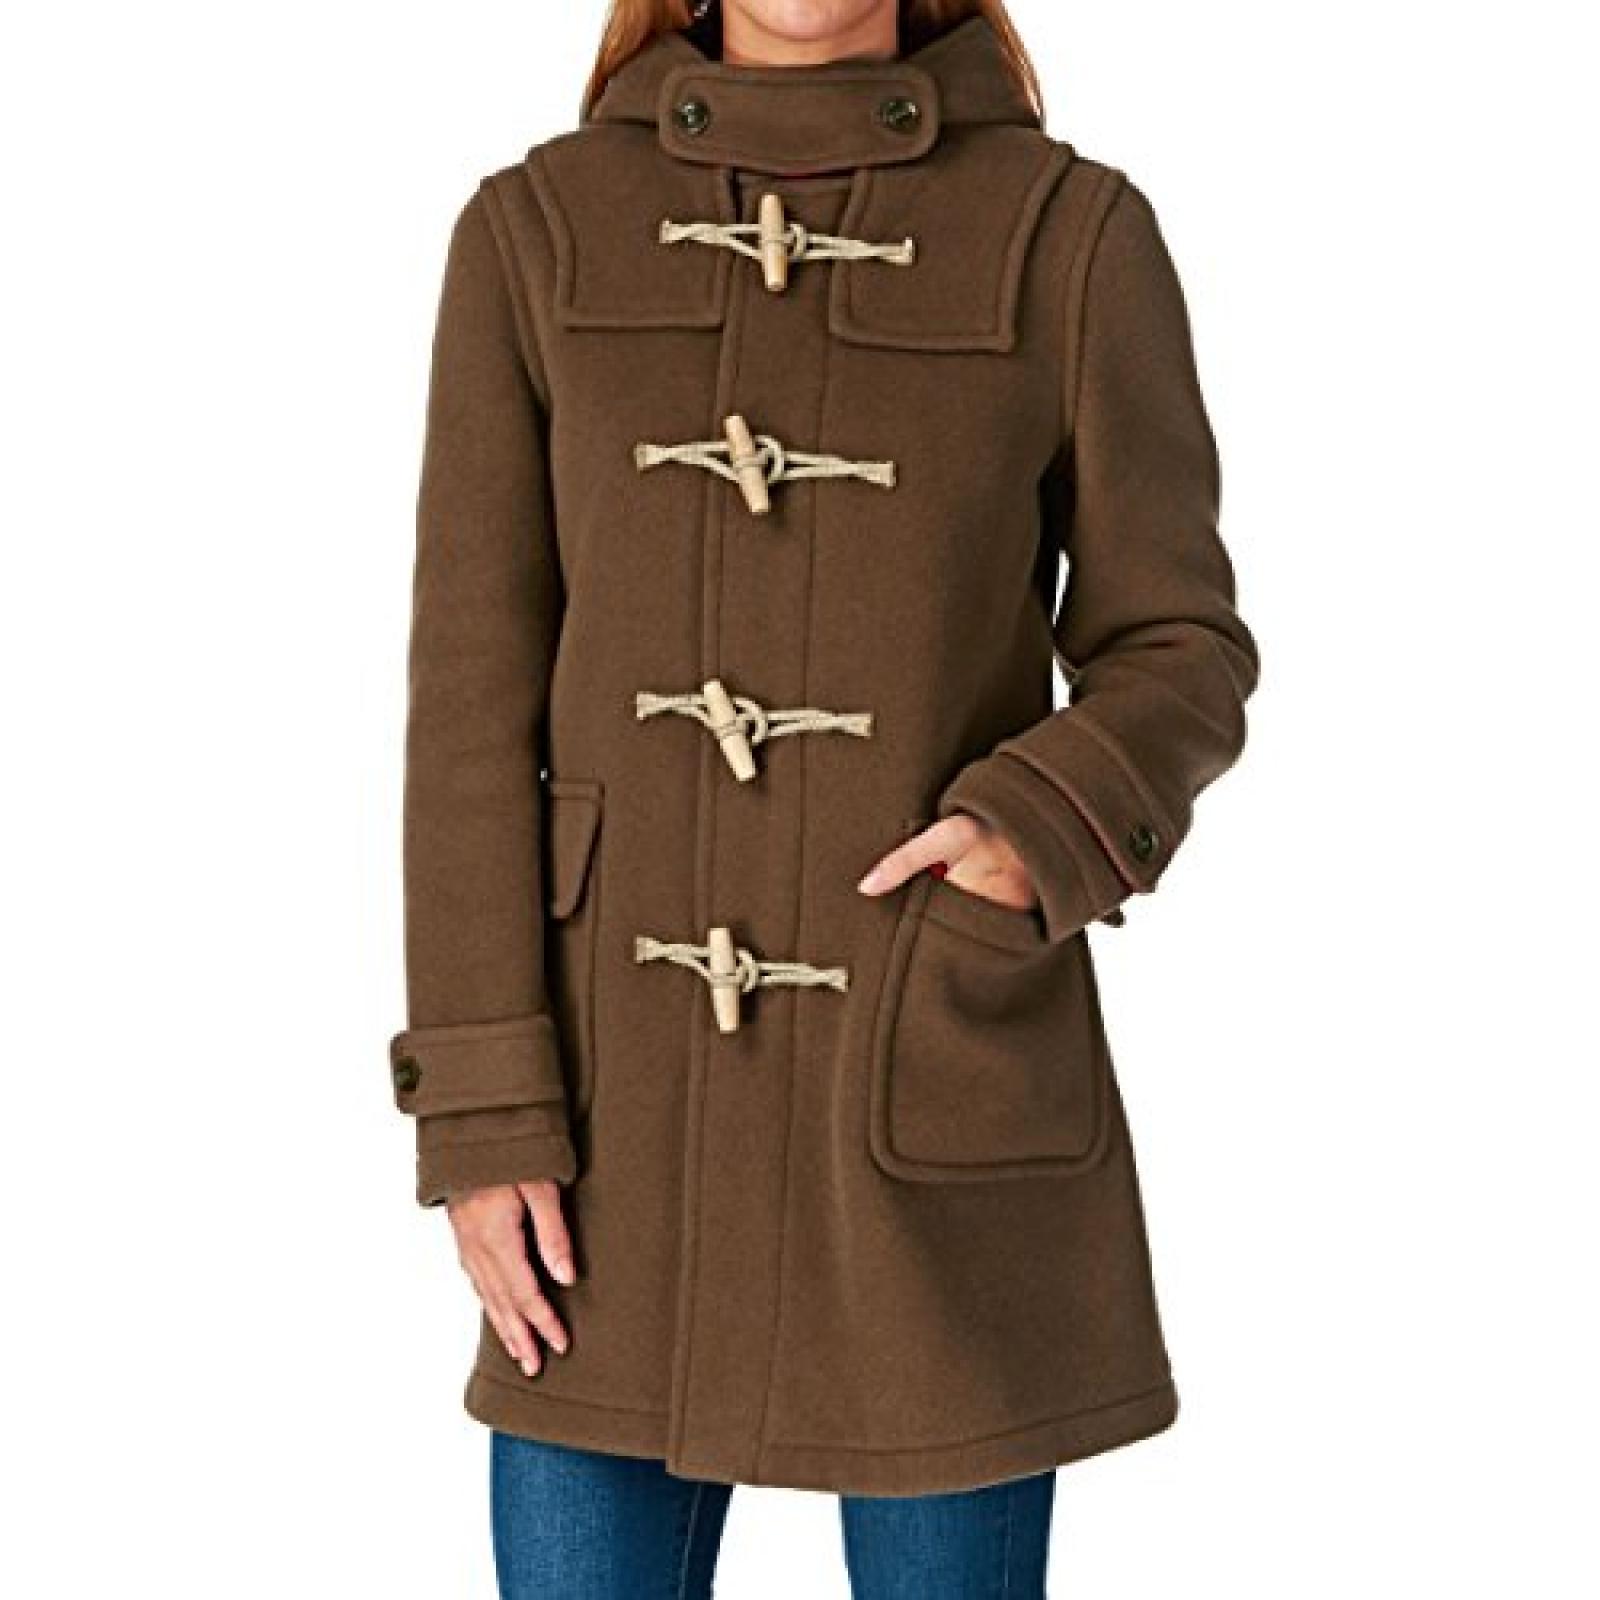 MENIL Cornwall Classic Duffle Jacket - Camel